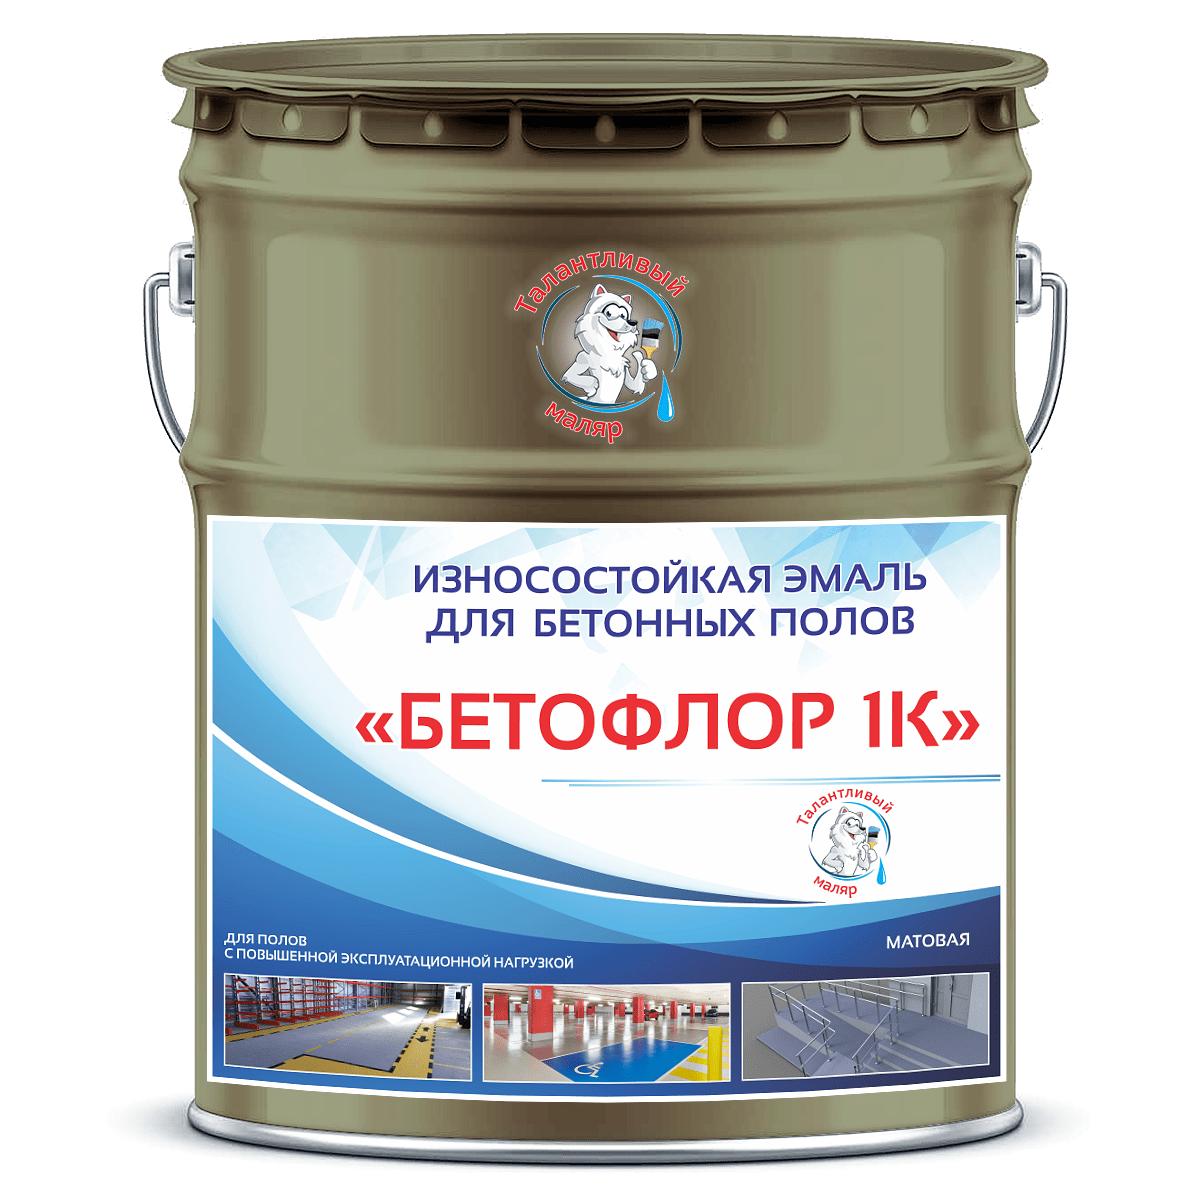 """Фото 8 - BF7008 Эмаль для бетонных полов """"Бетофлор"""" 1К цвет RAL 7008 Серое хаки, матовая износостойкая, 25 кг """"Талантливый Маляр""""."""